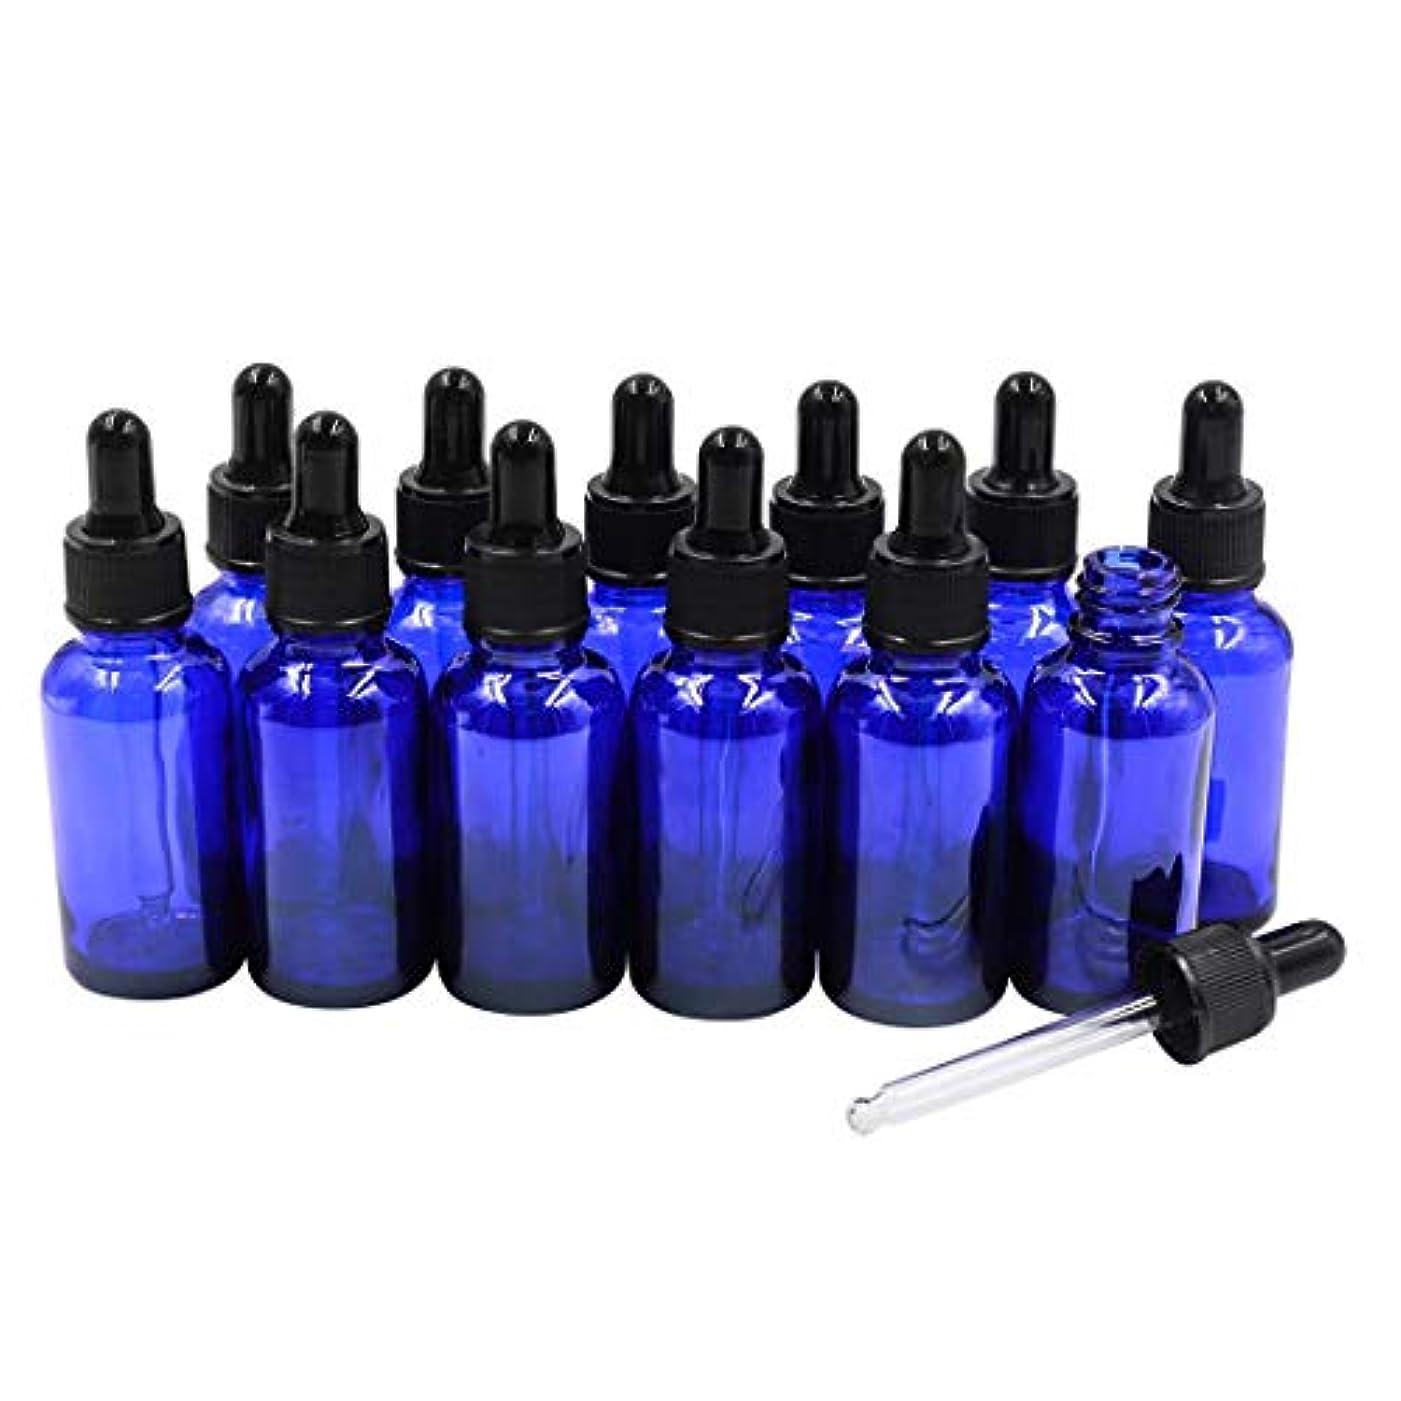 繁雑結核限定12本セット ブルースポイト遮光瓶 アロマオイル 精油 香水やアロマの保存 小分け用 遮光瓶